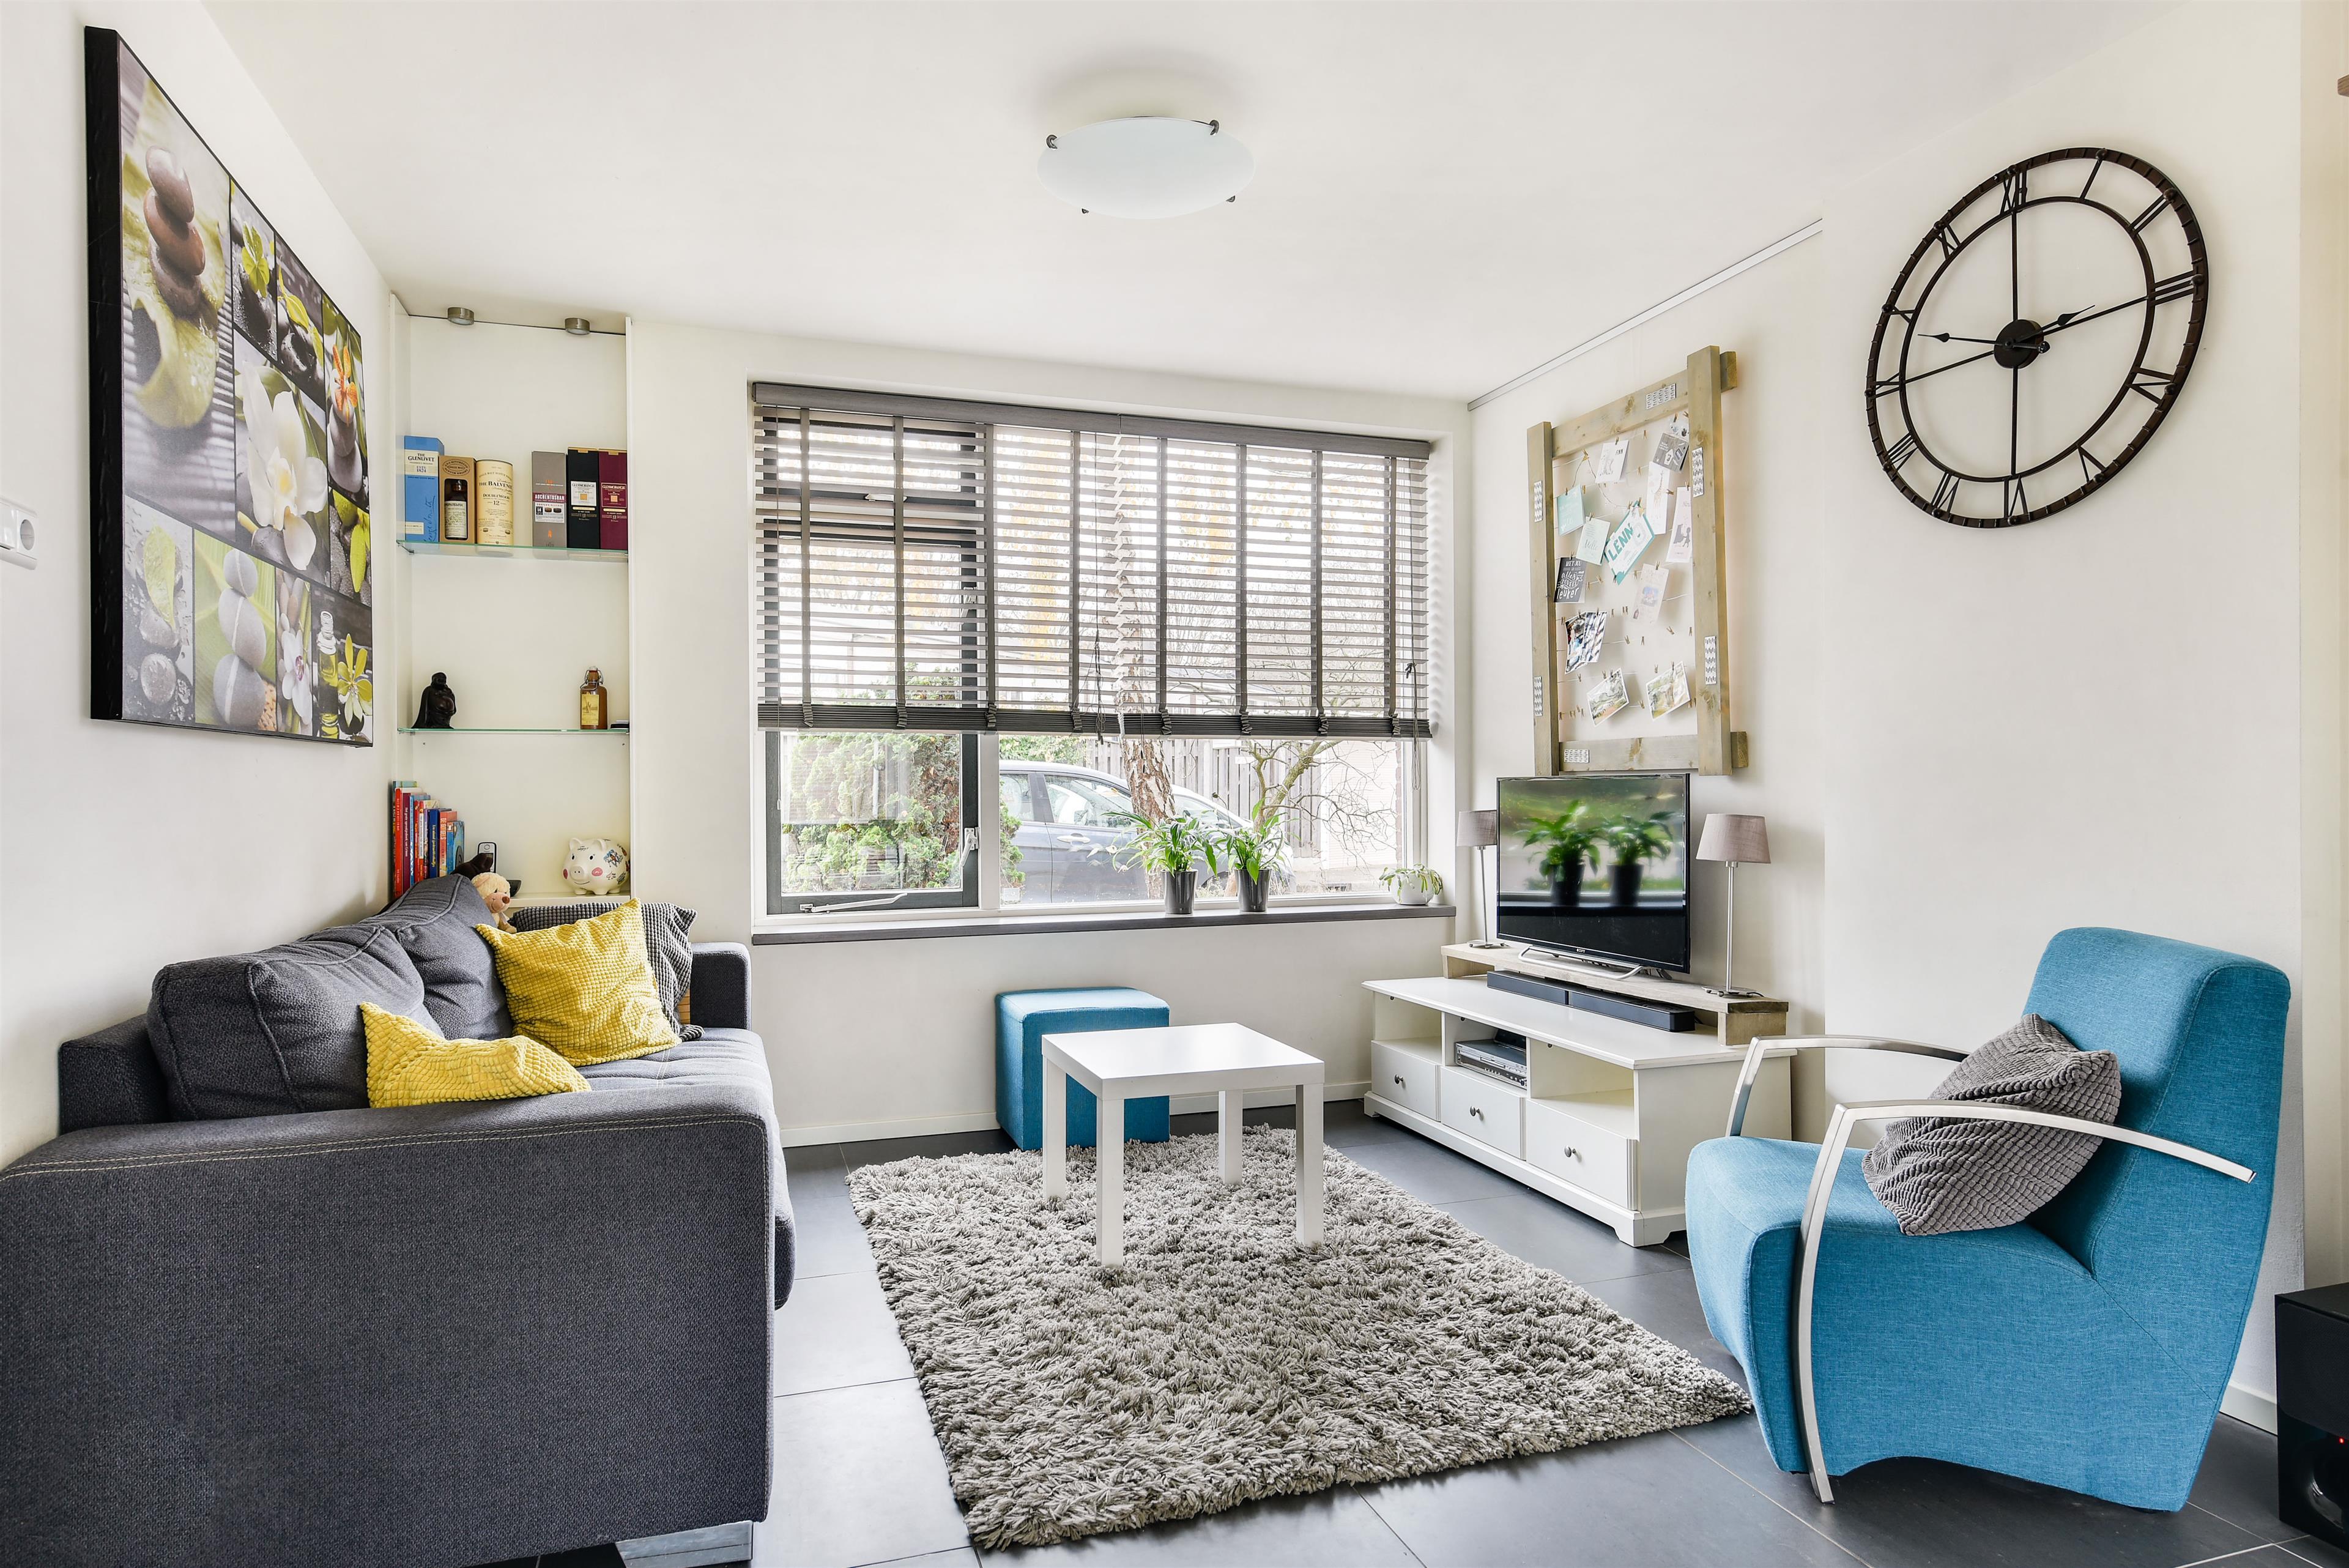 Zonwering Slaapkamer 19 : Te koop barneveldstraat eindhoven hendriks makelaardij